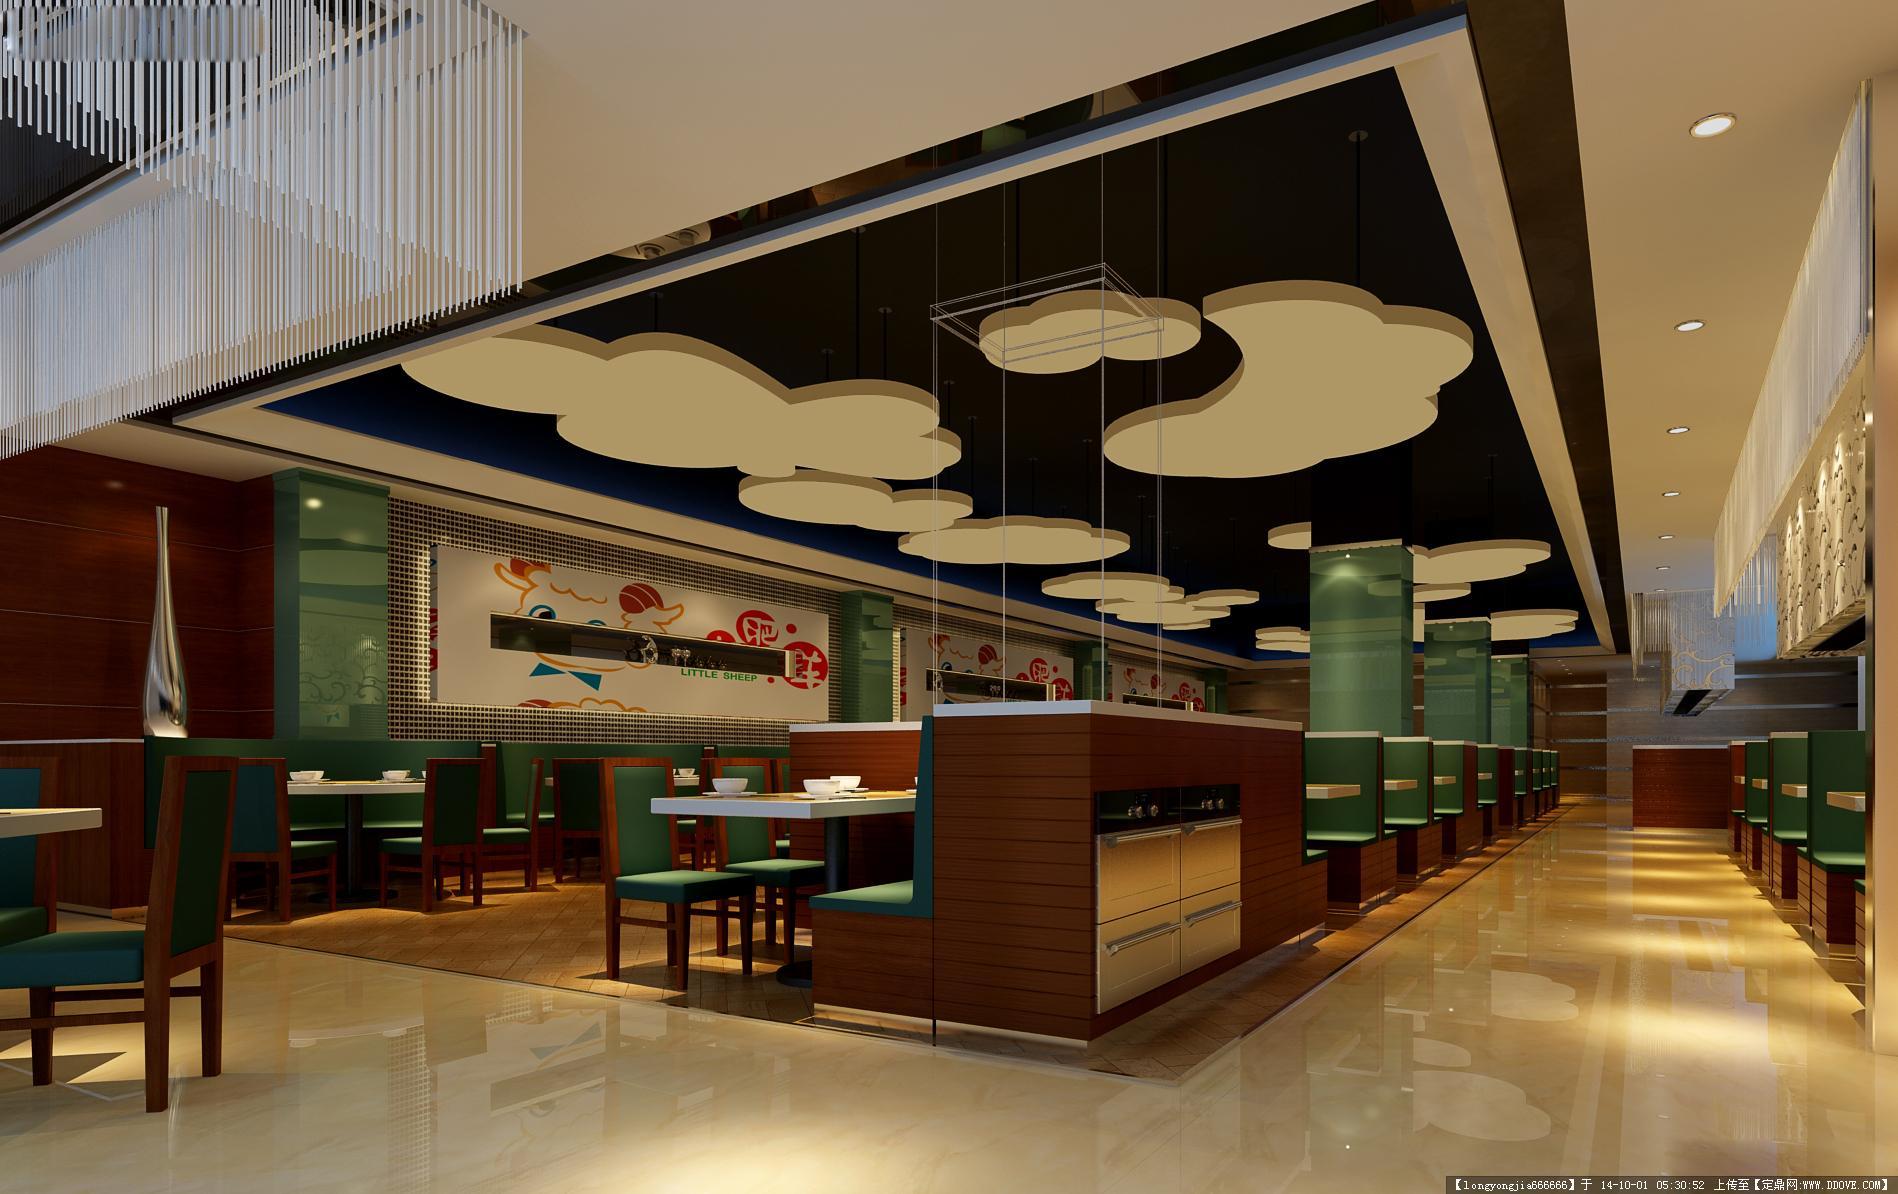 定鼎网 定鼎室内 室内效果图 酒楼餐厅 餐饮空间室内装饰设计方案效果